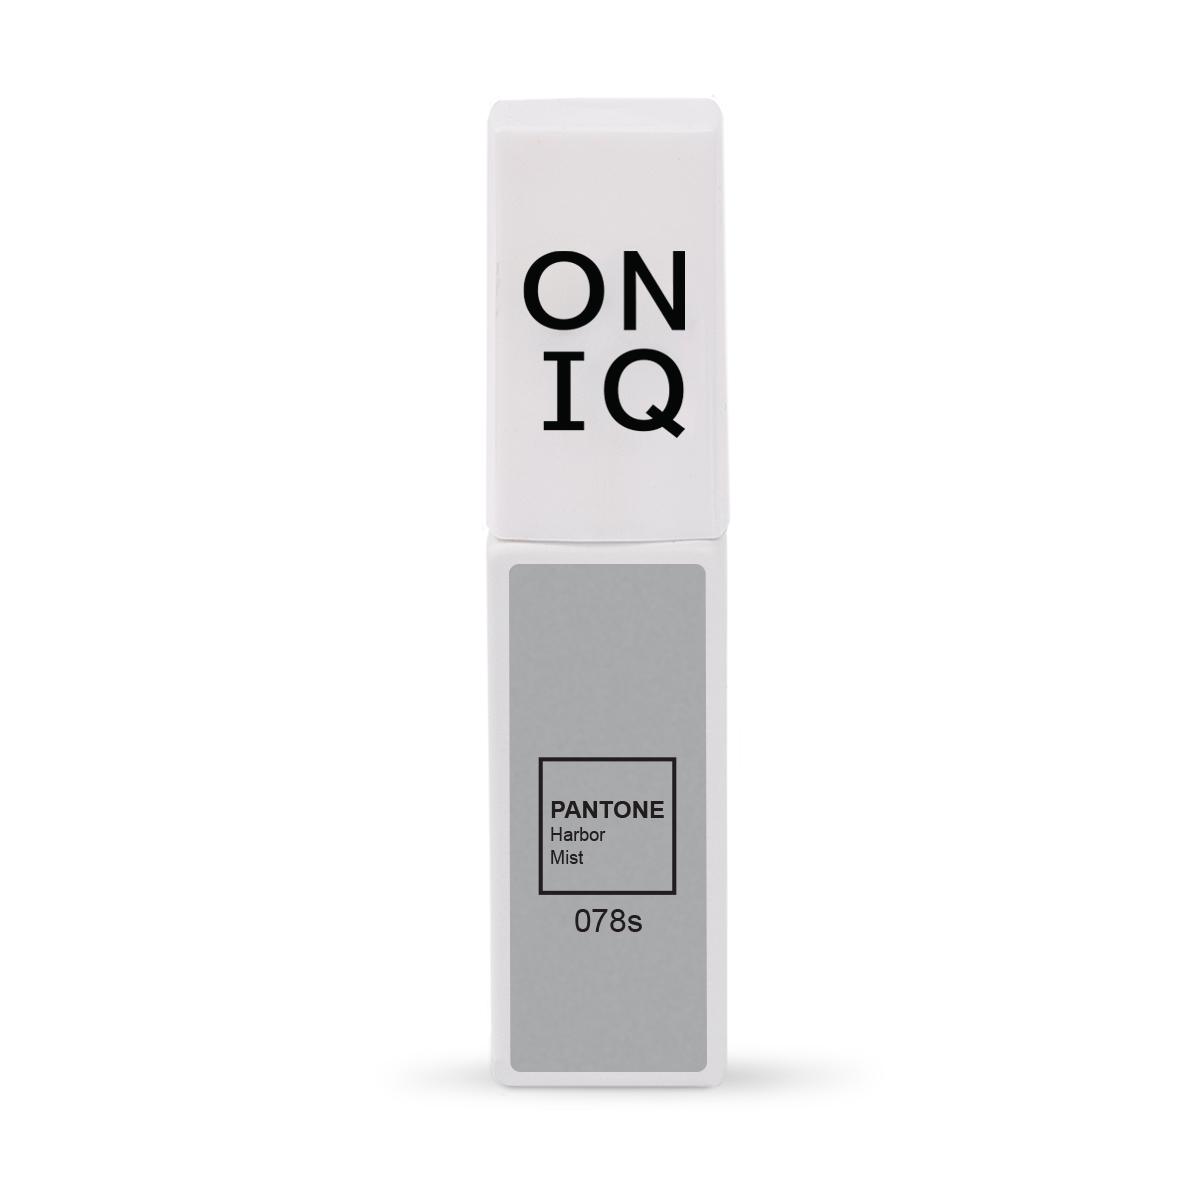 ONIQ Гель-лак для покрытия ногтей, Pantone: Harbor mist, 6 мл -  Гель-лаки